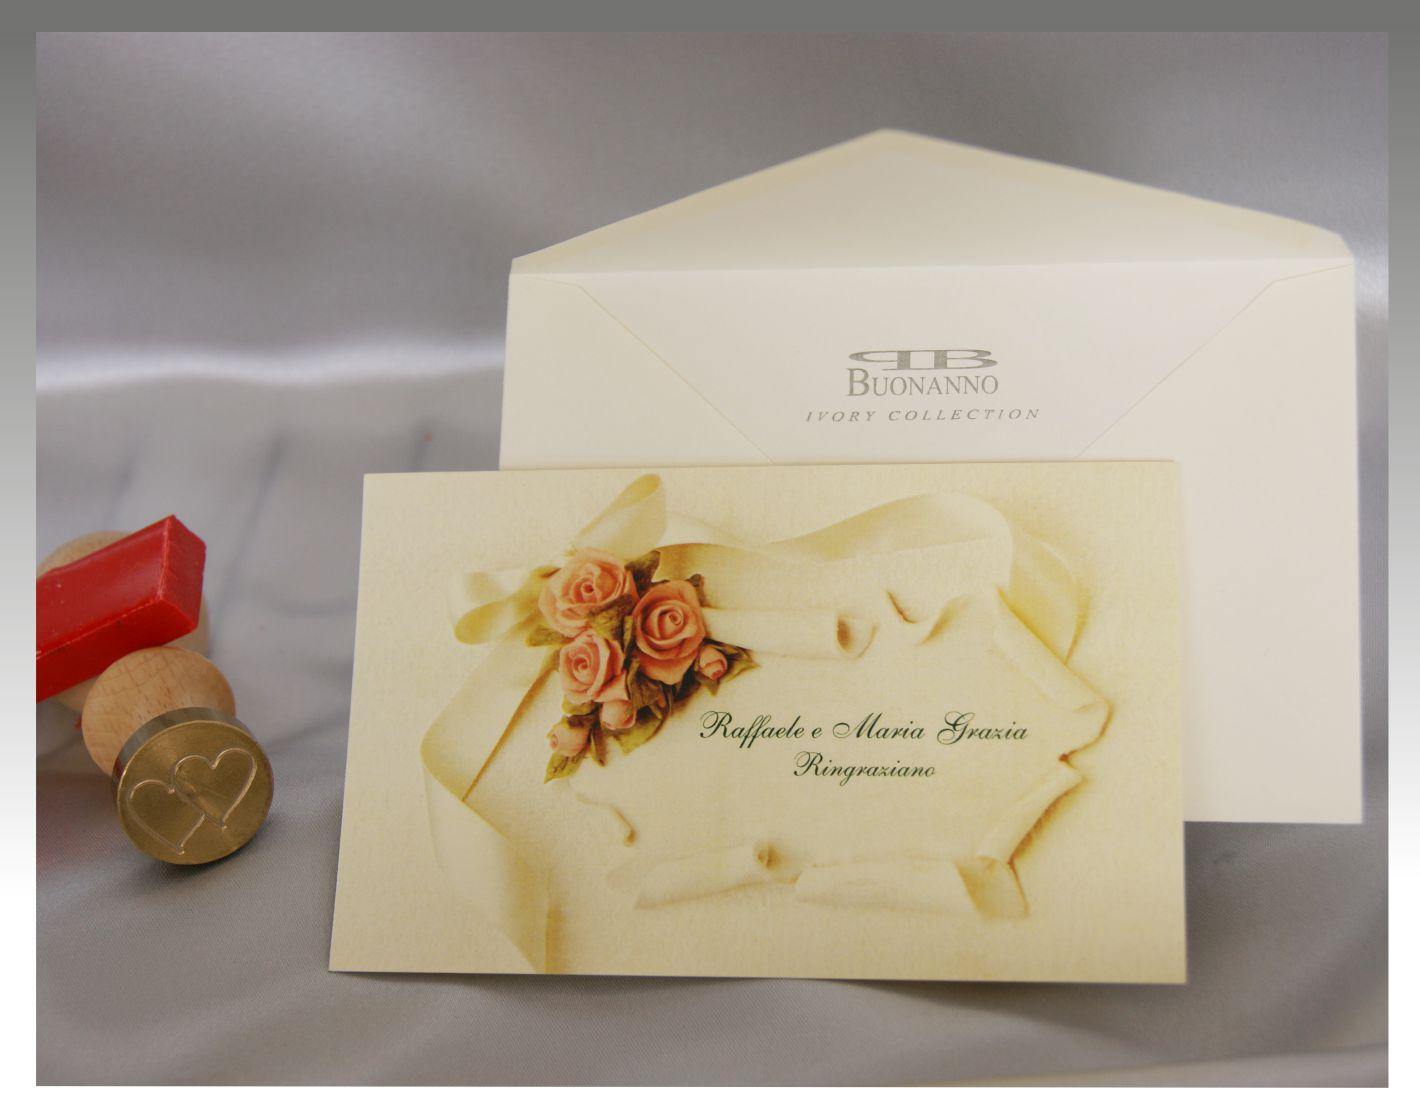 Biglietti ringraziamento matrimonio - Ringraziamento tacchino al colore ...